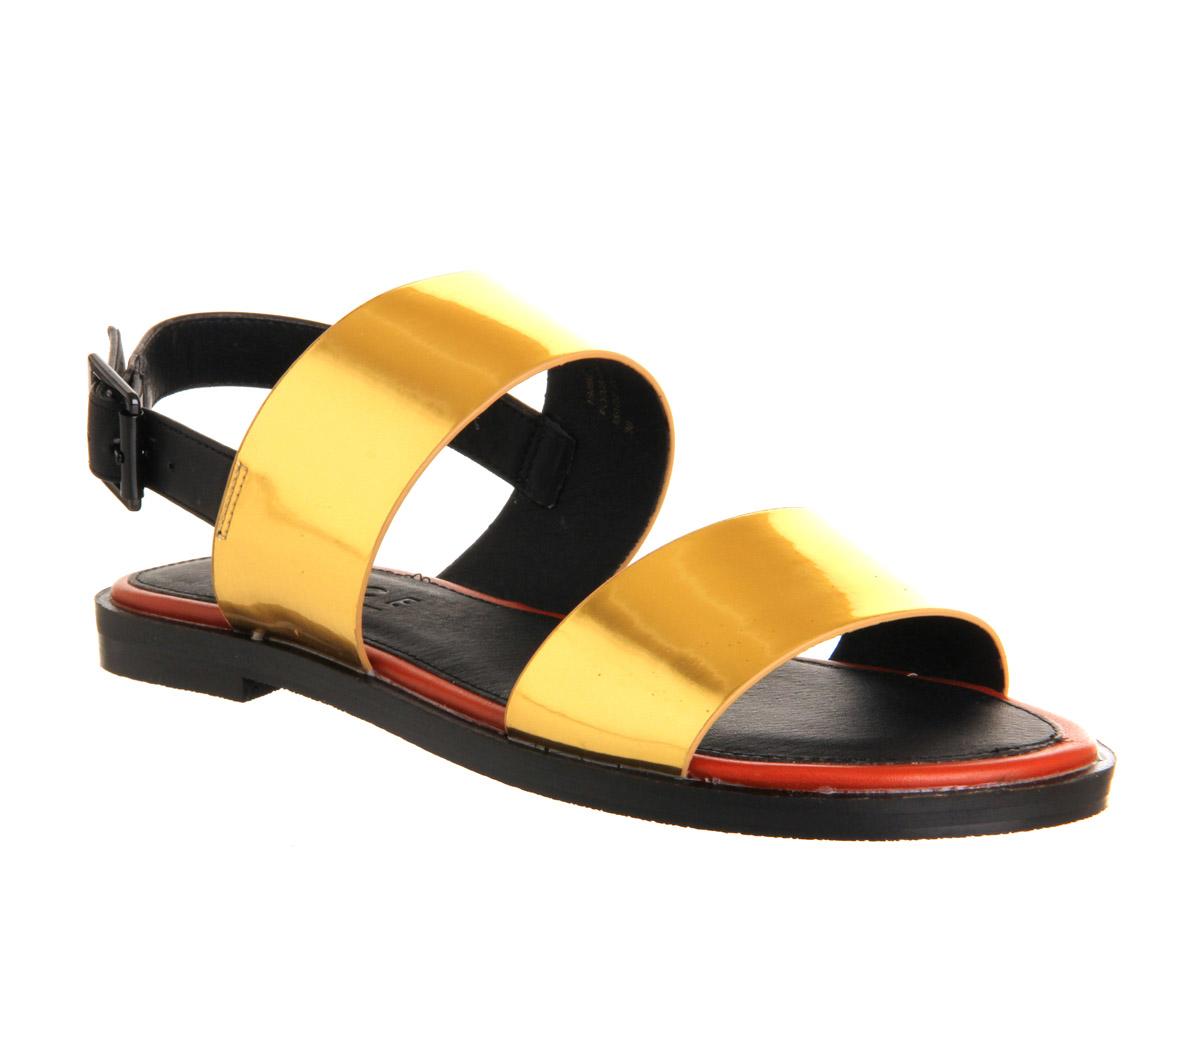 New Birkenstock  Womens Arizona Dark Brown 2 Strap Sandals 051701